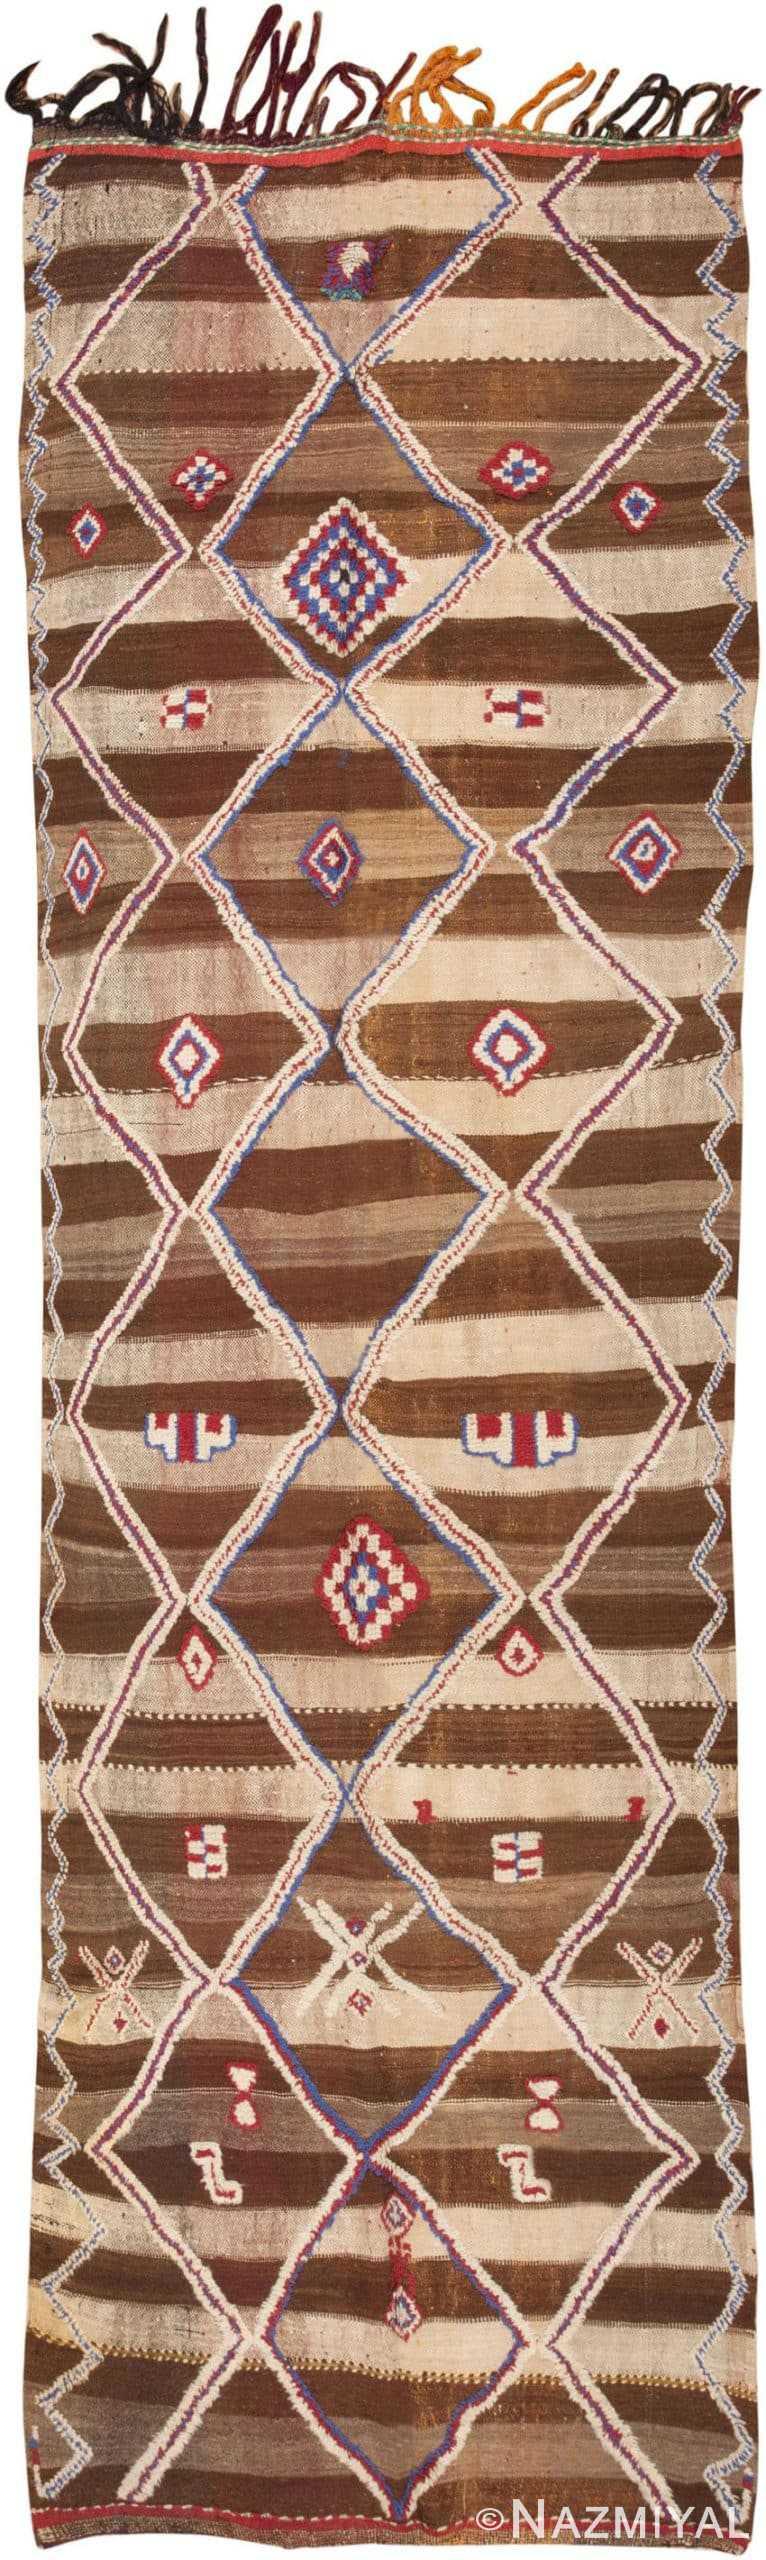 Long and Narrow Brown Vintage Moroccan Hall Runner Rug 45683 Nazmiyal